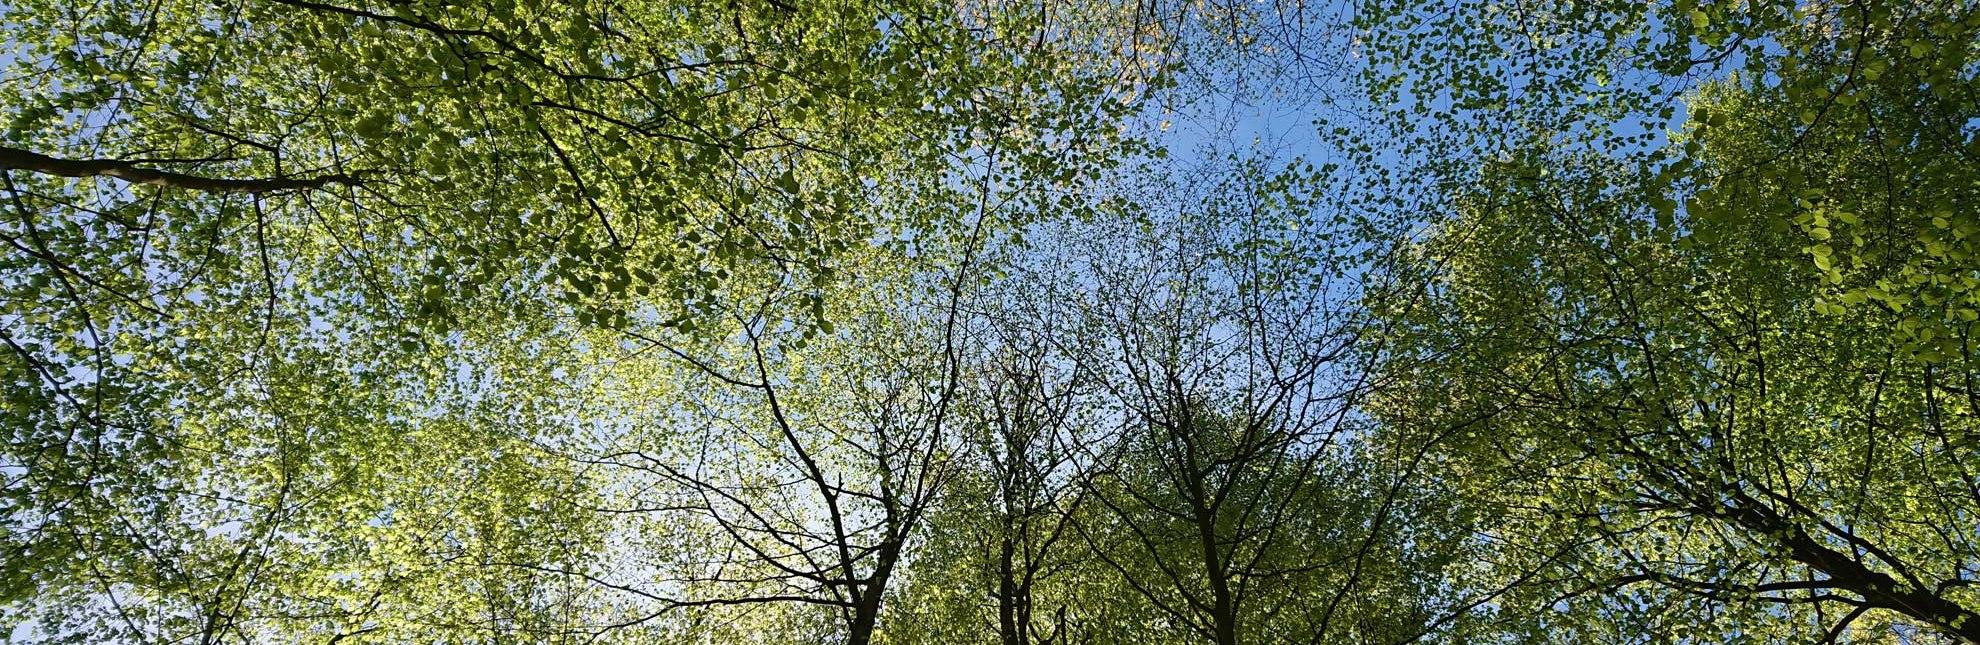 Eine ganz neue Perspektive bietet ein Blick in den Waldhimmel., © HLMS GmbH